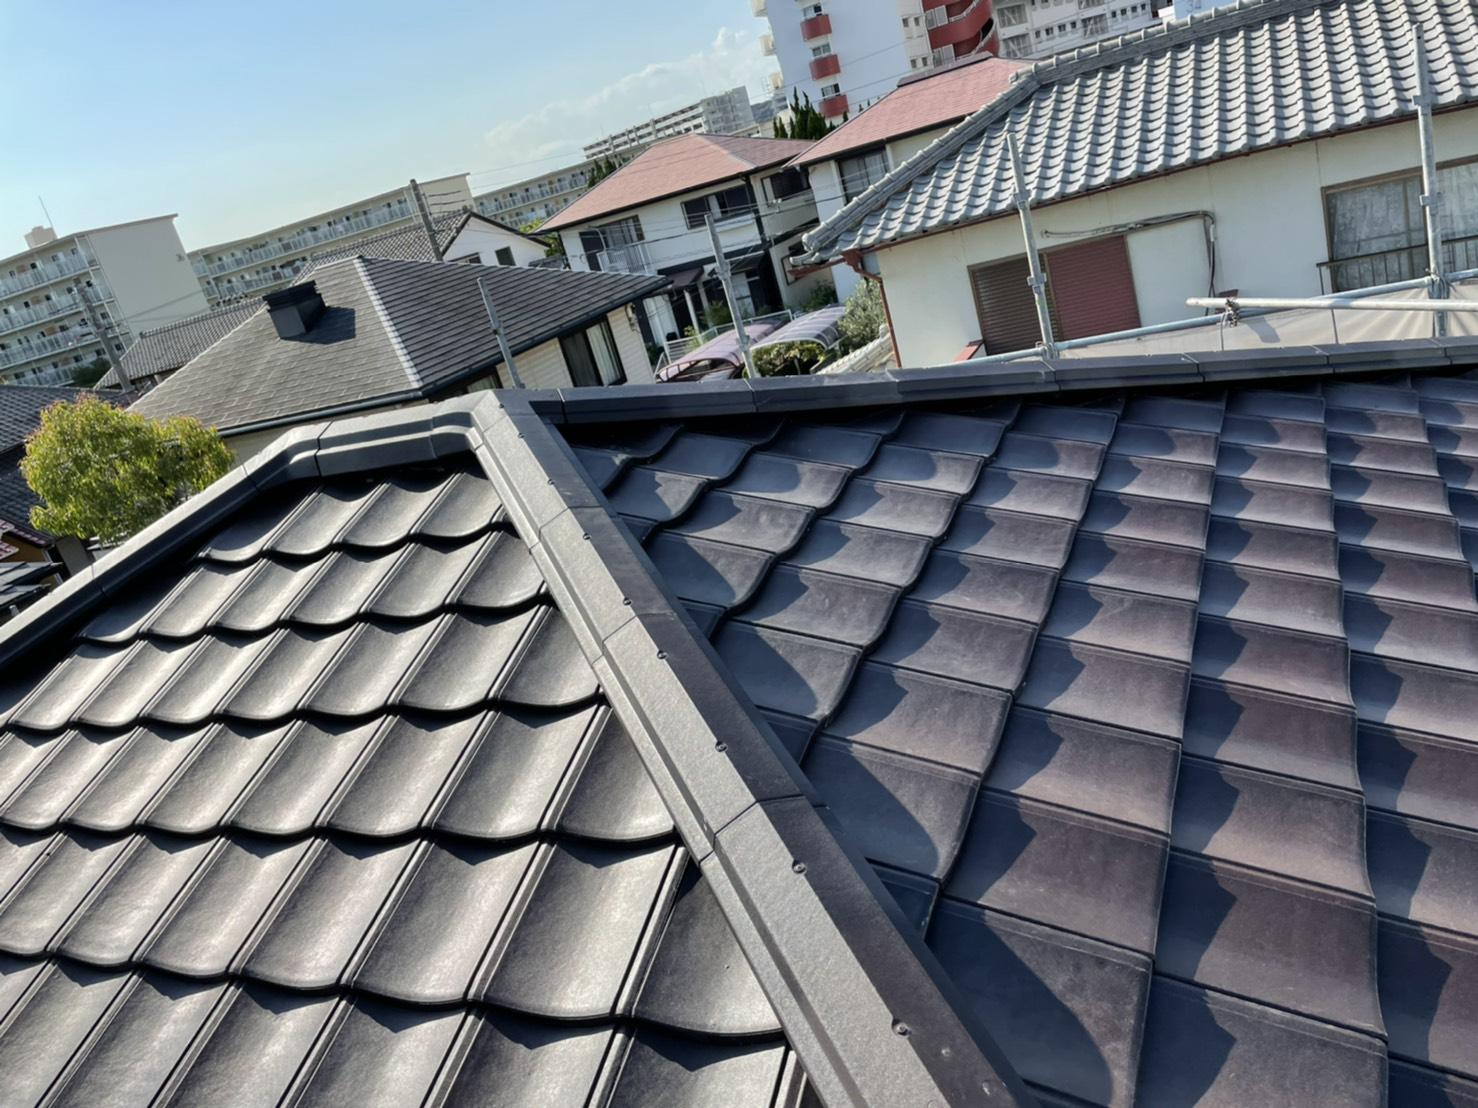 神戸市で雨漏りを止めるために行った屋根葺き直し工事でルーガを葺いた様子